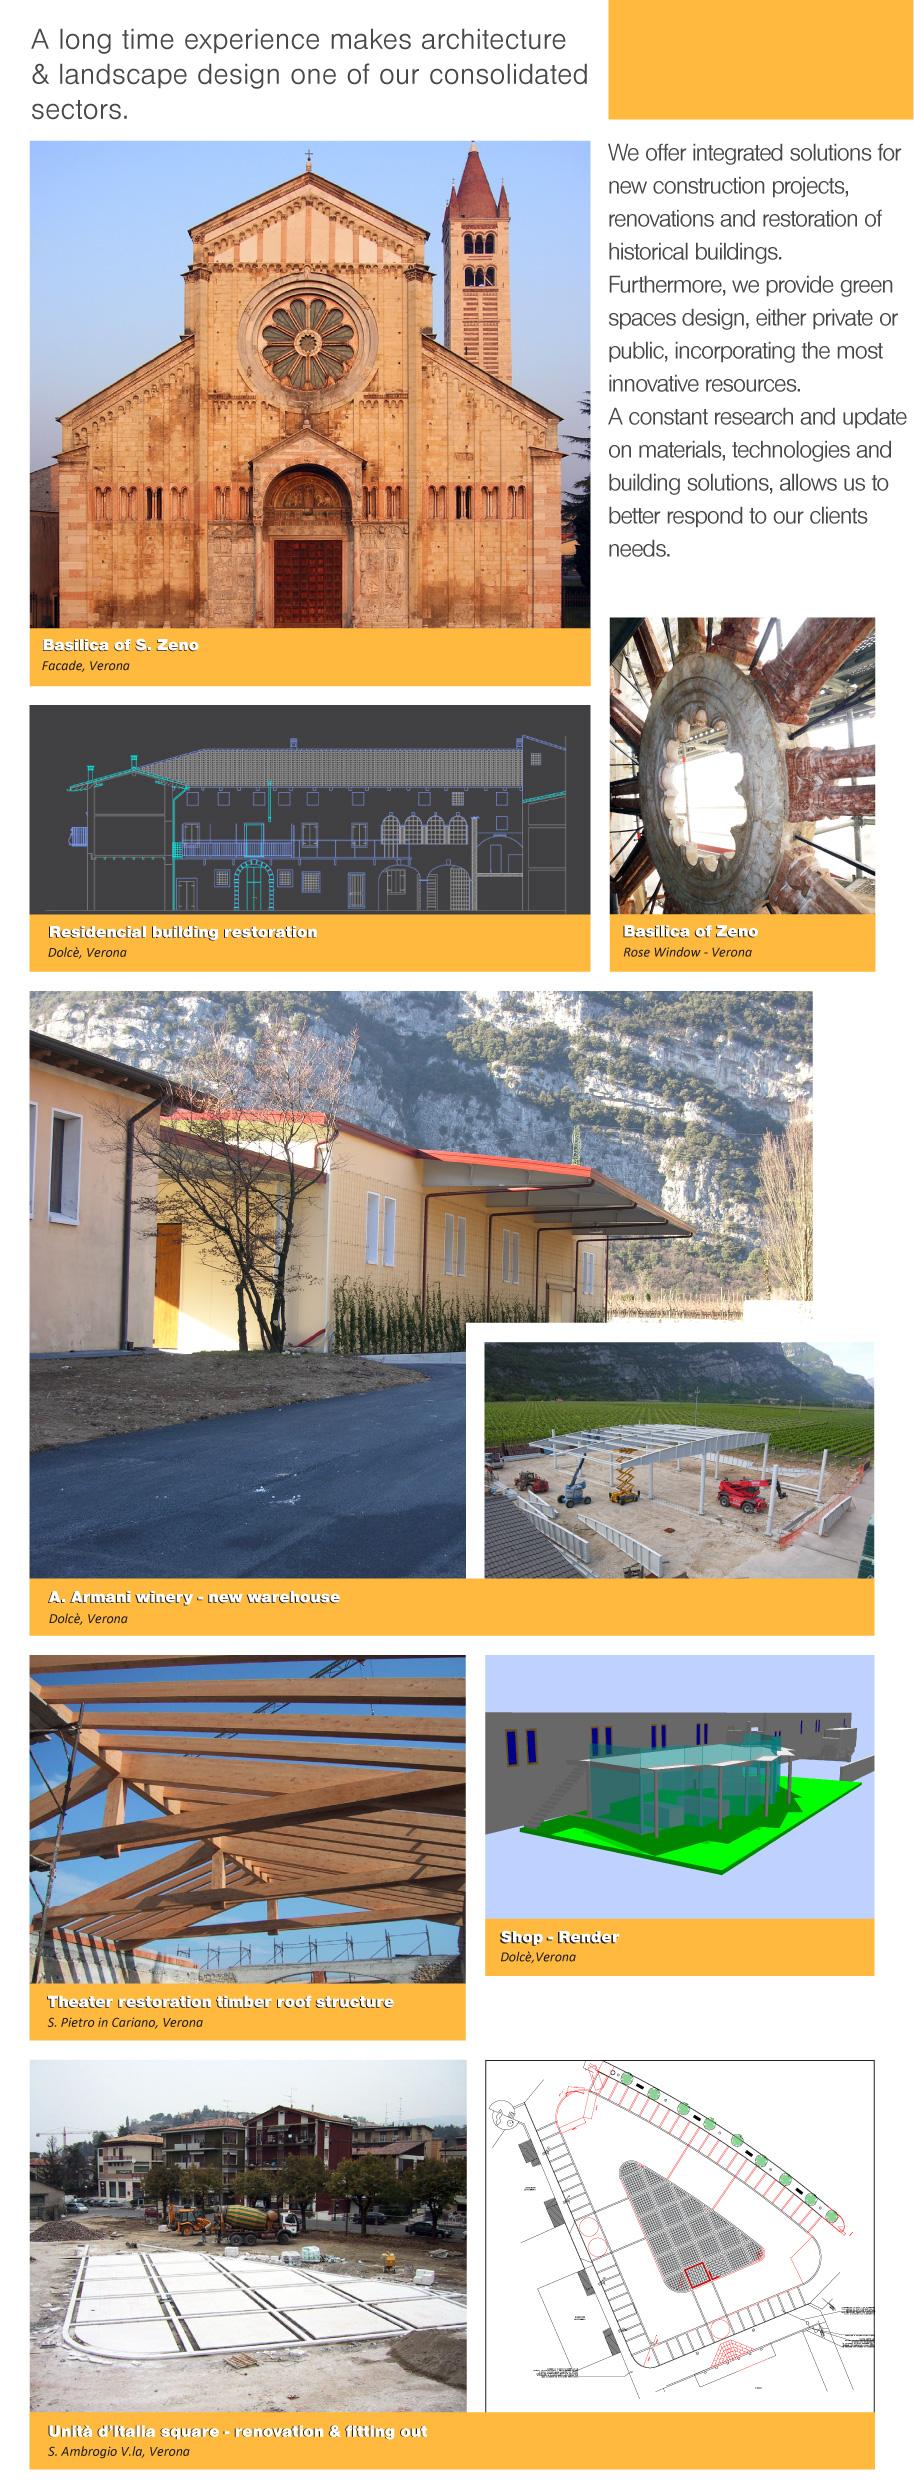 Architecture_desarrollo2